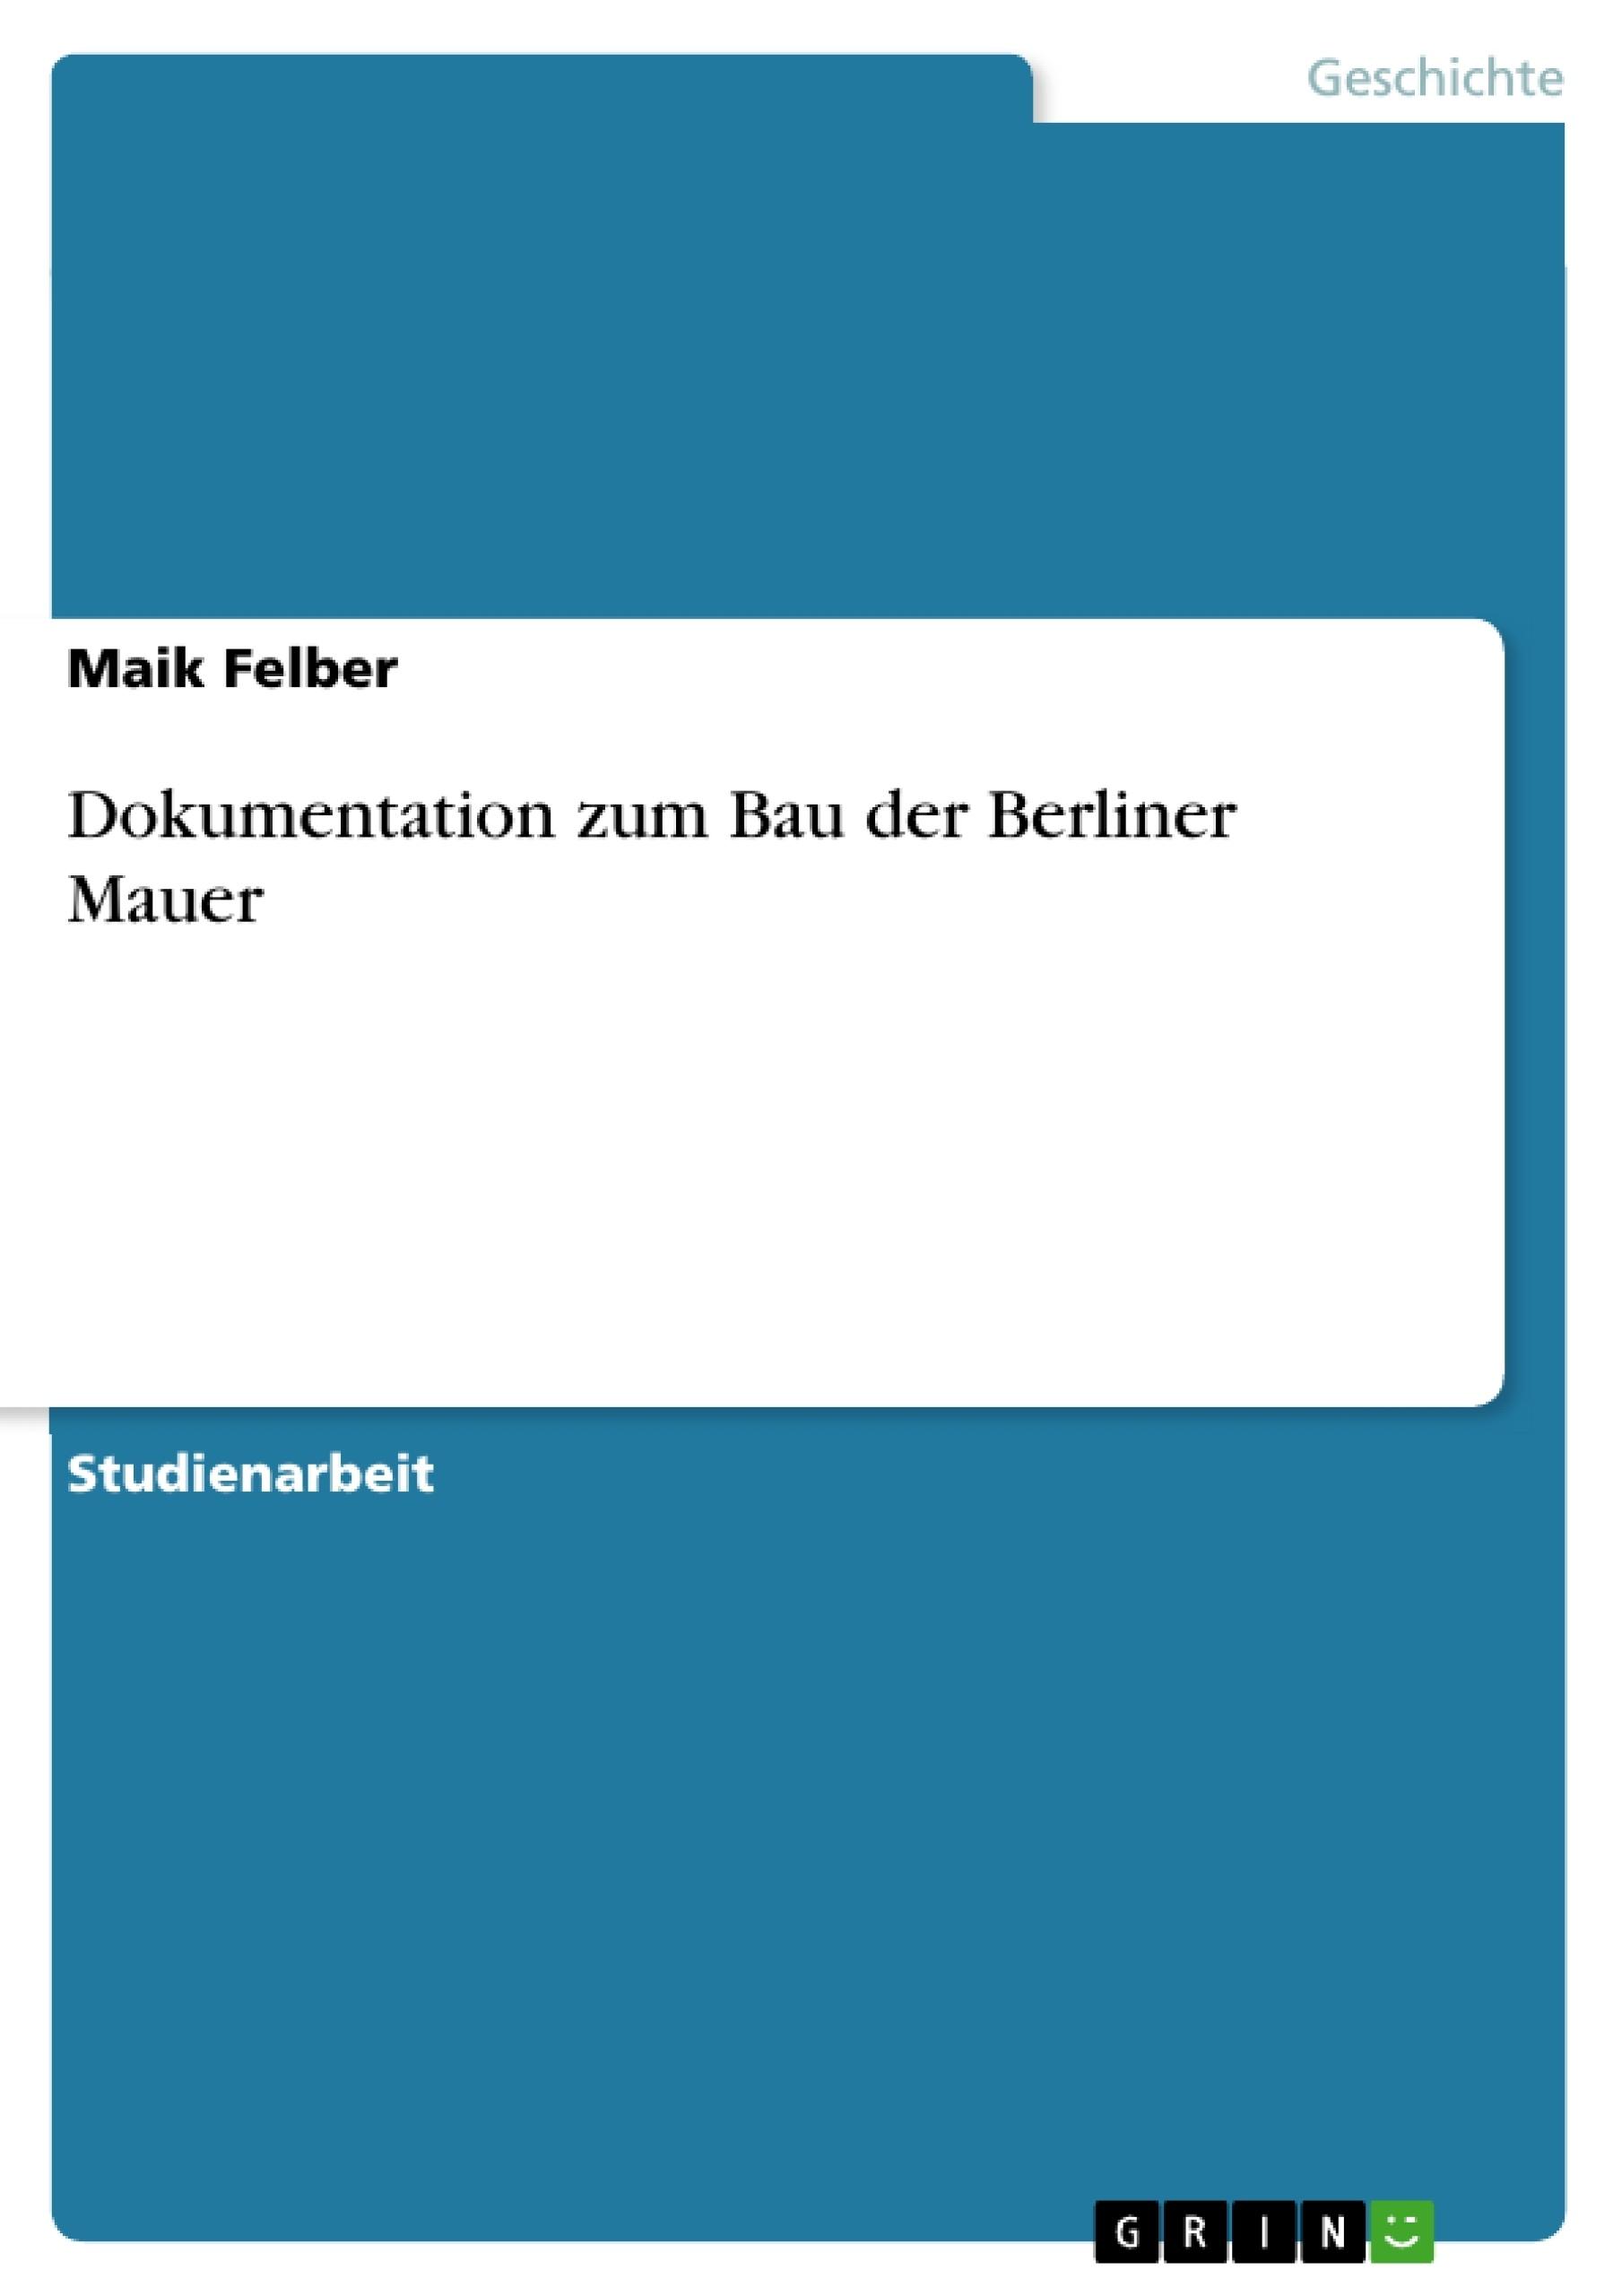 Titel: Dokumentation zum Bau der Berliner Mauer